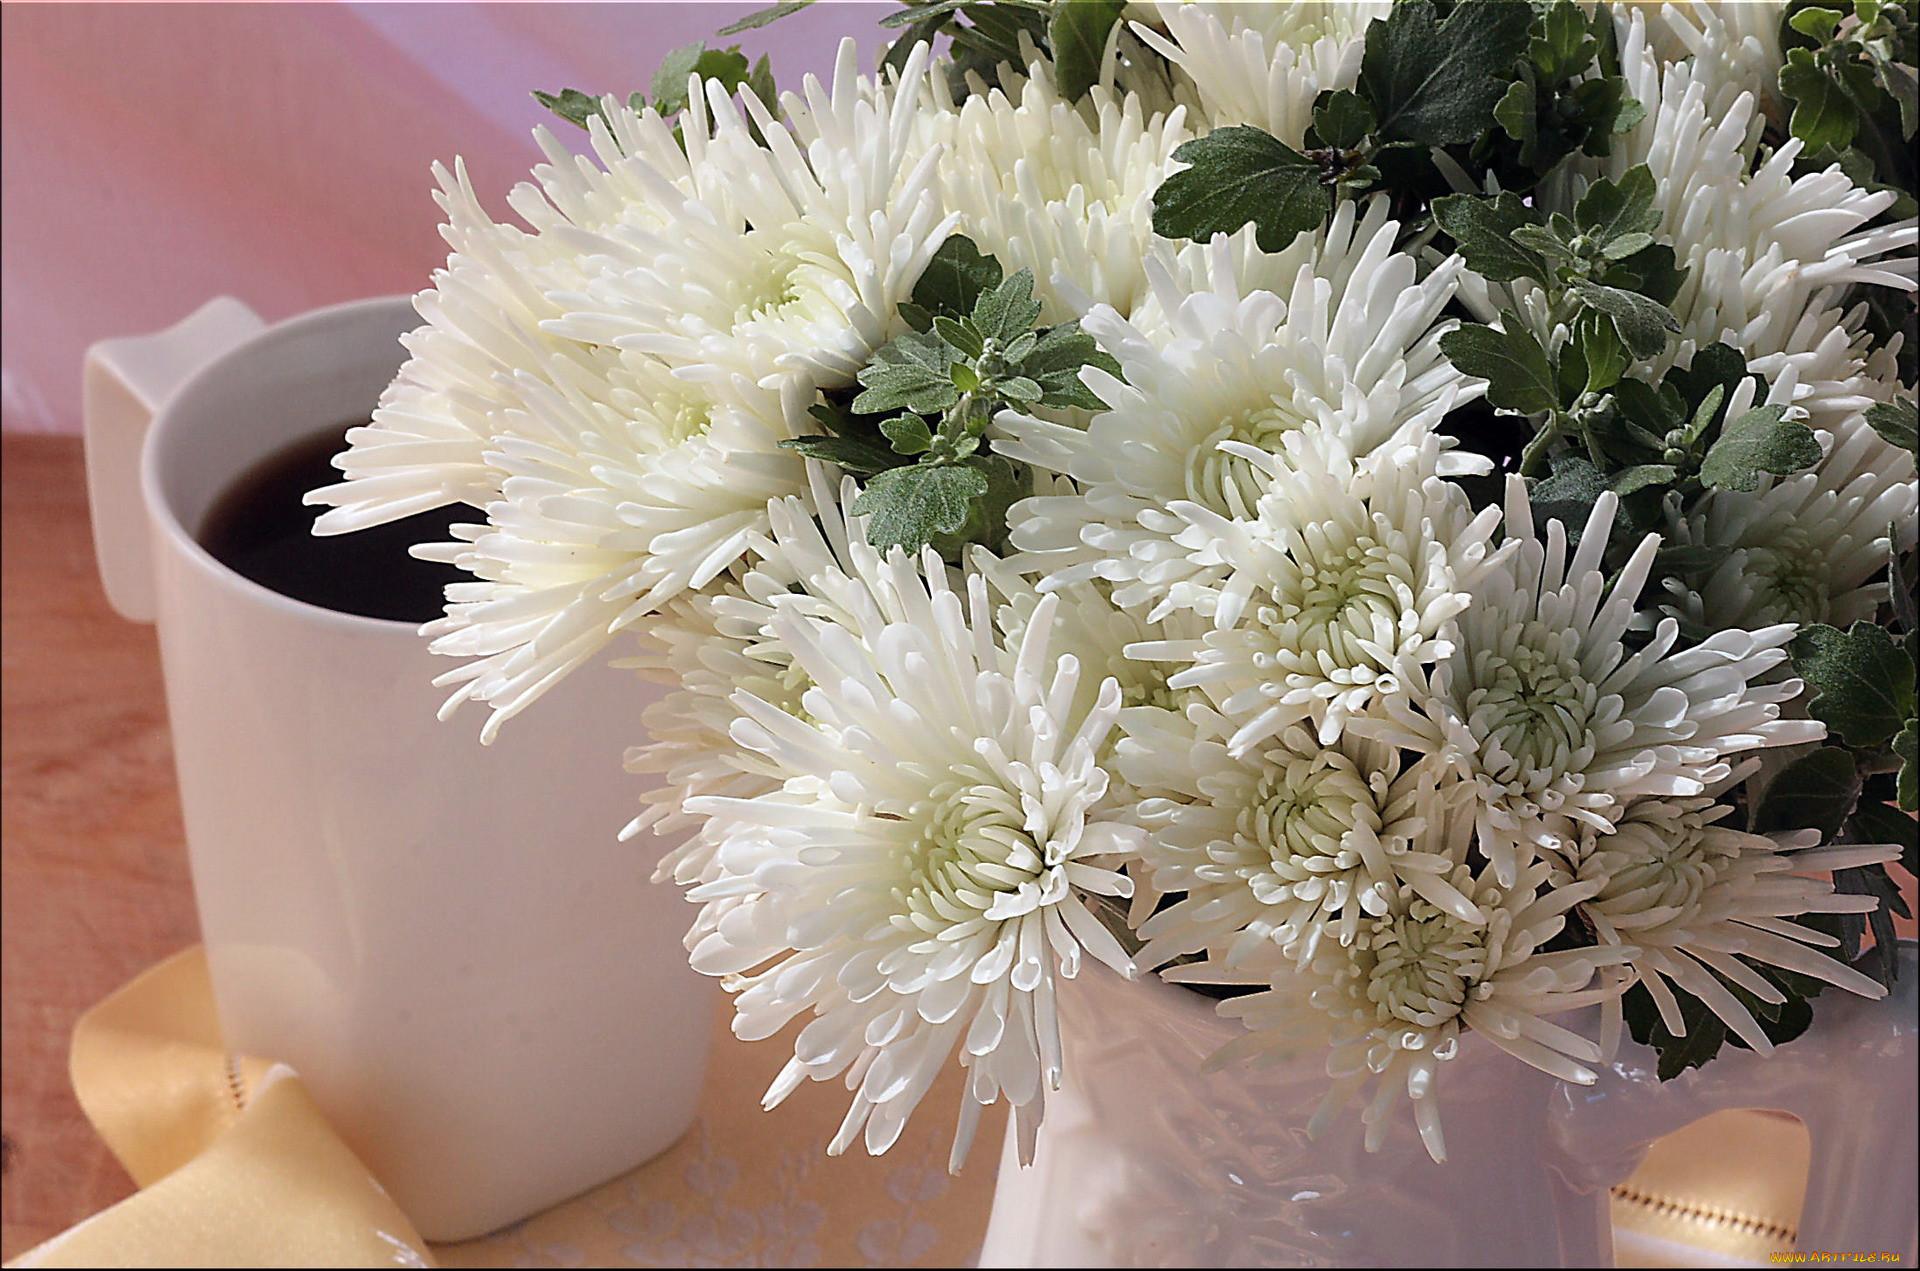 картинки на рабочий стол хризантемы букет как мистер бёрнс